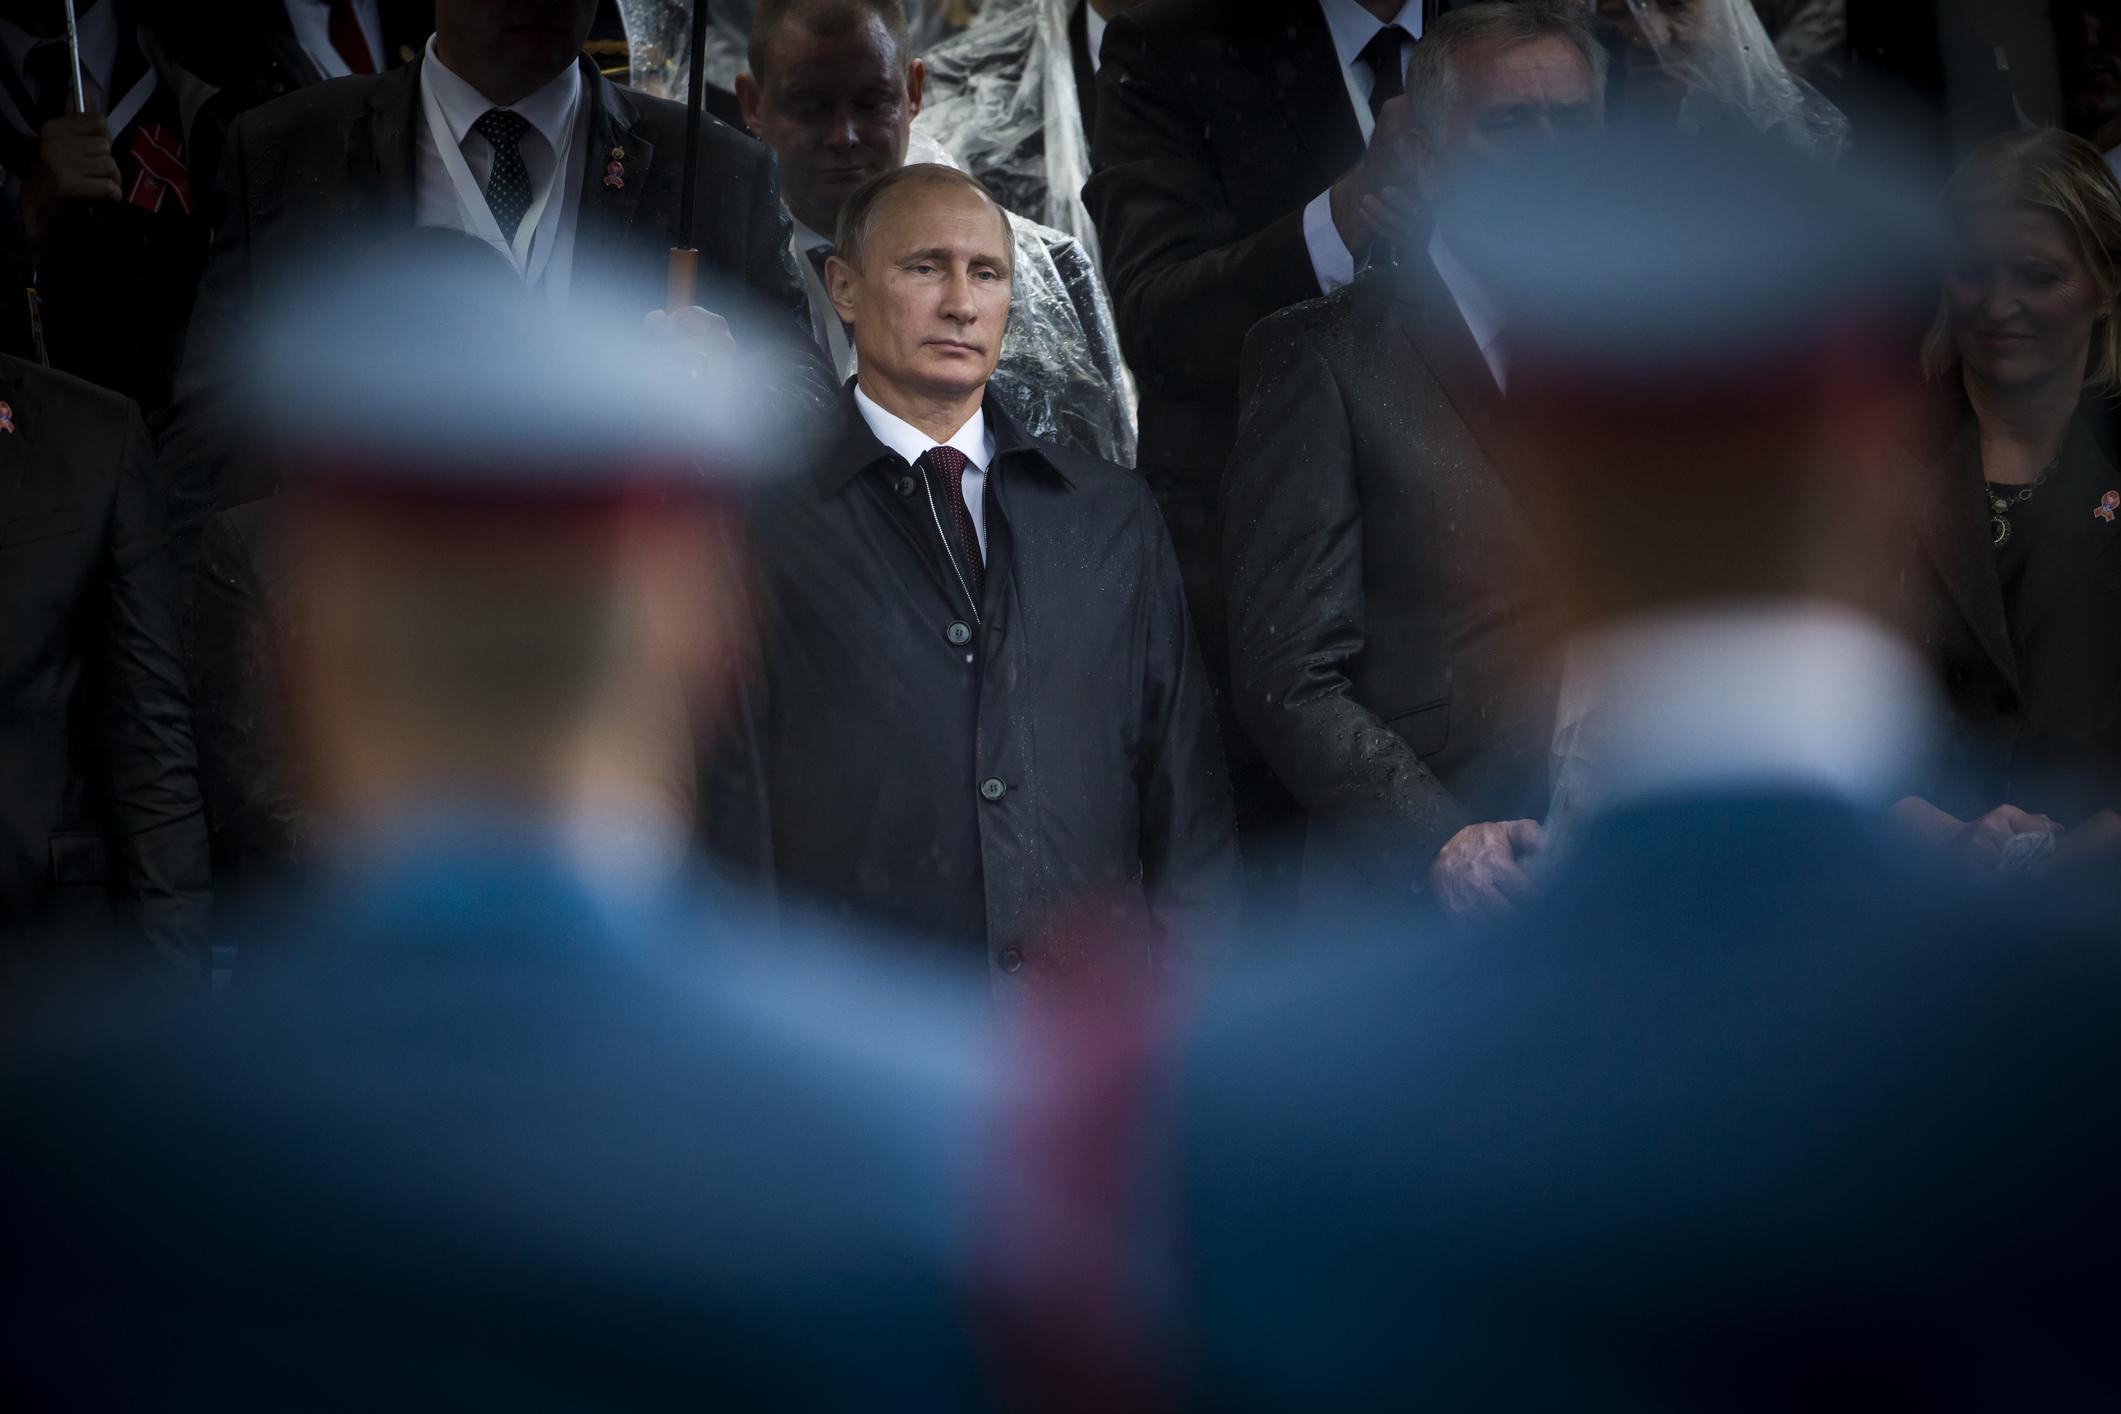 Russland vil ikke gå i krig mot Ukraina